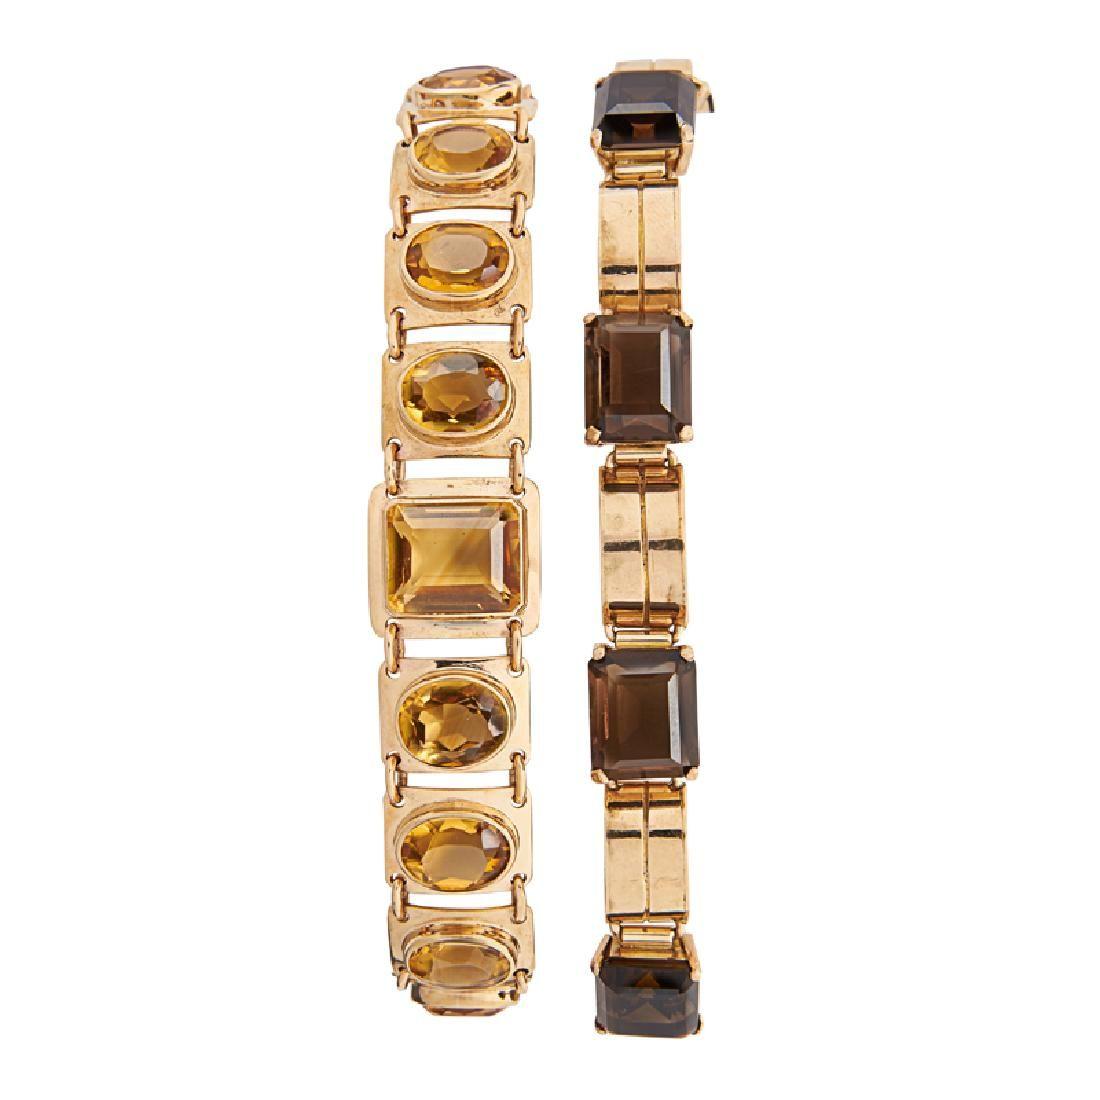 RETRO CITRINE OR SMOKY QUARTZ YELLOW GOLD BRACELETS